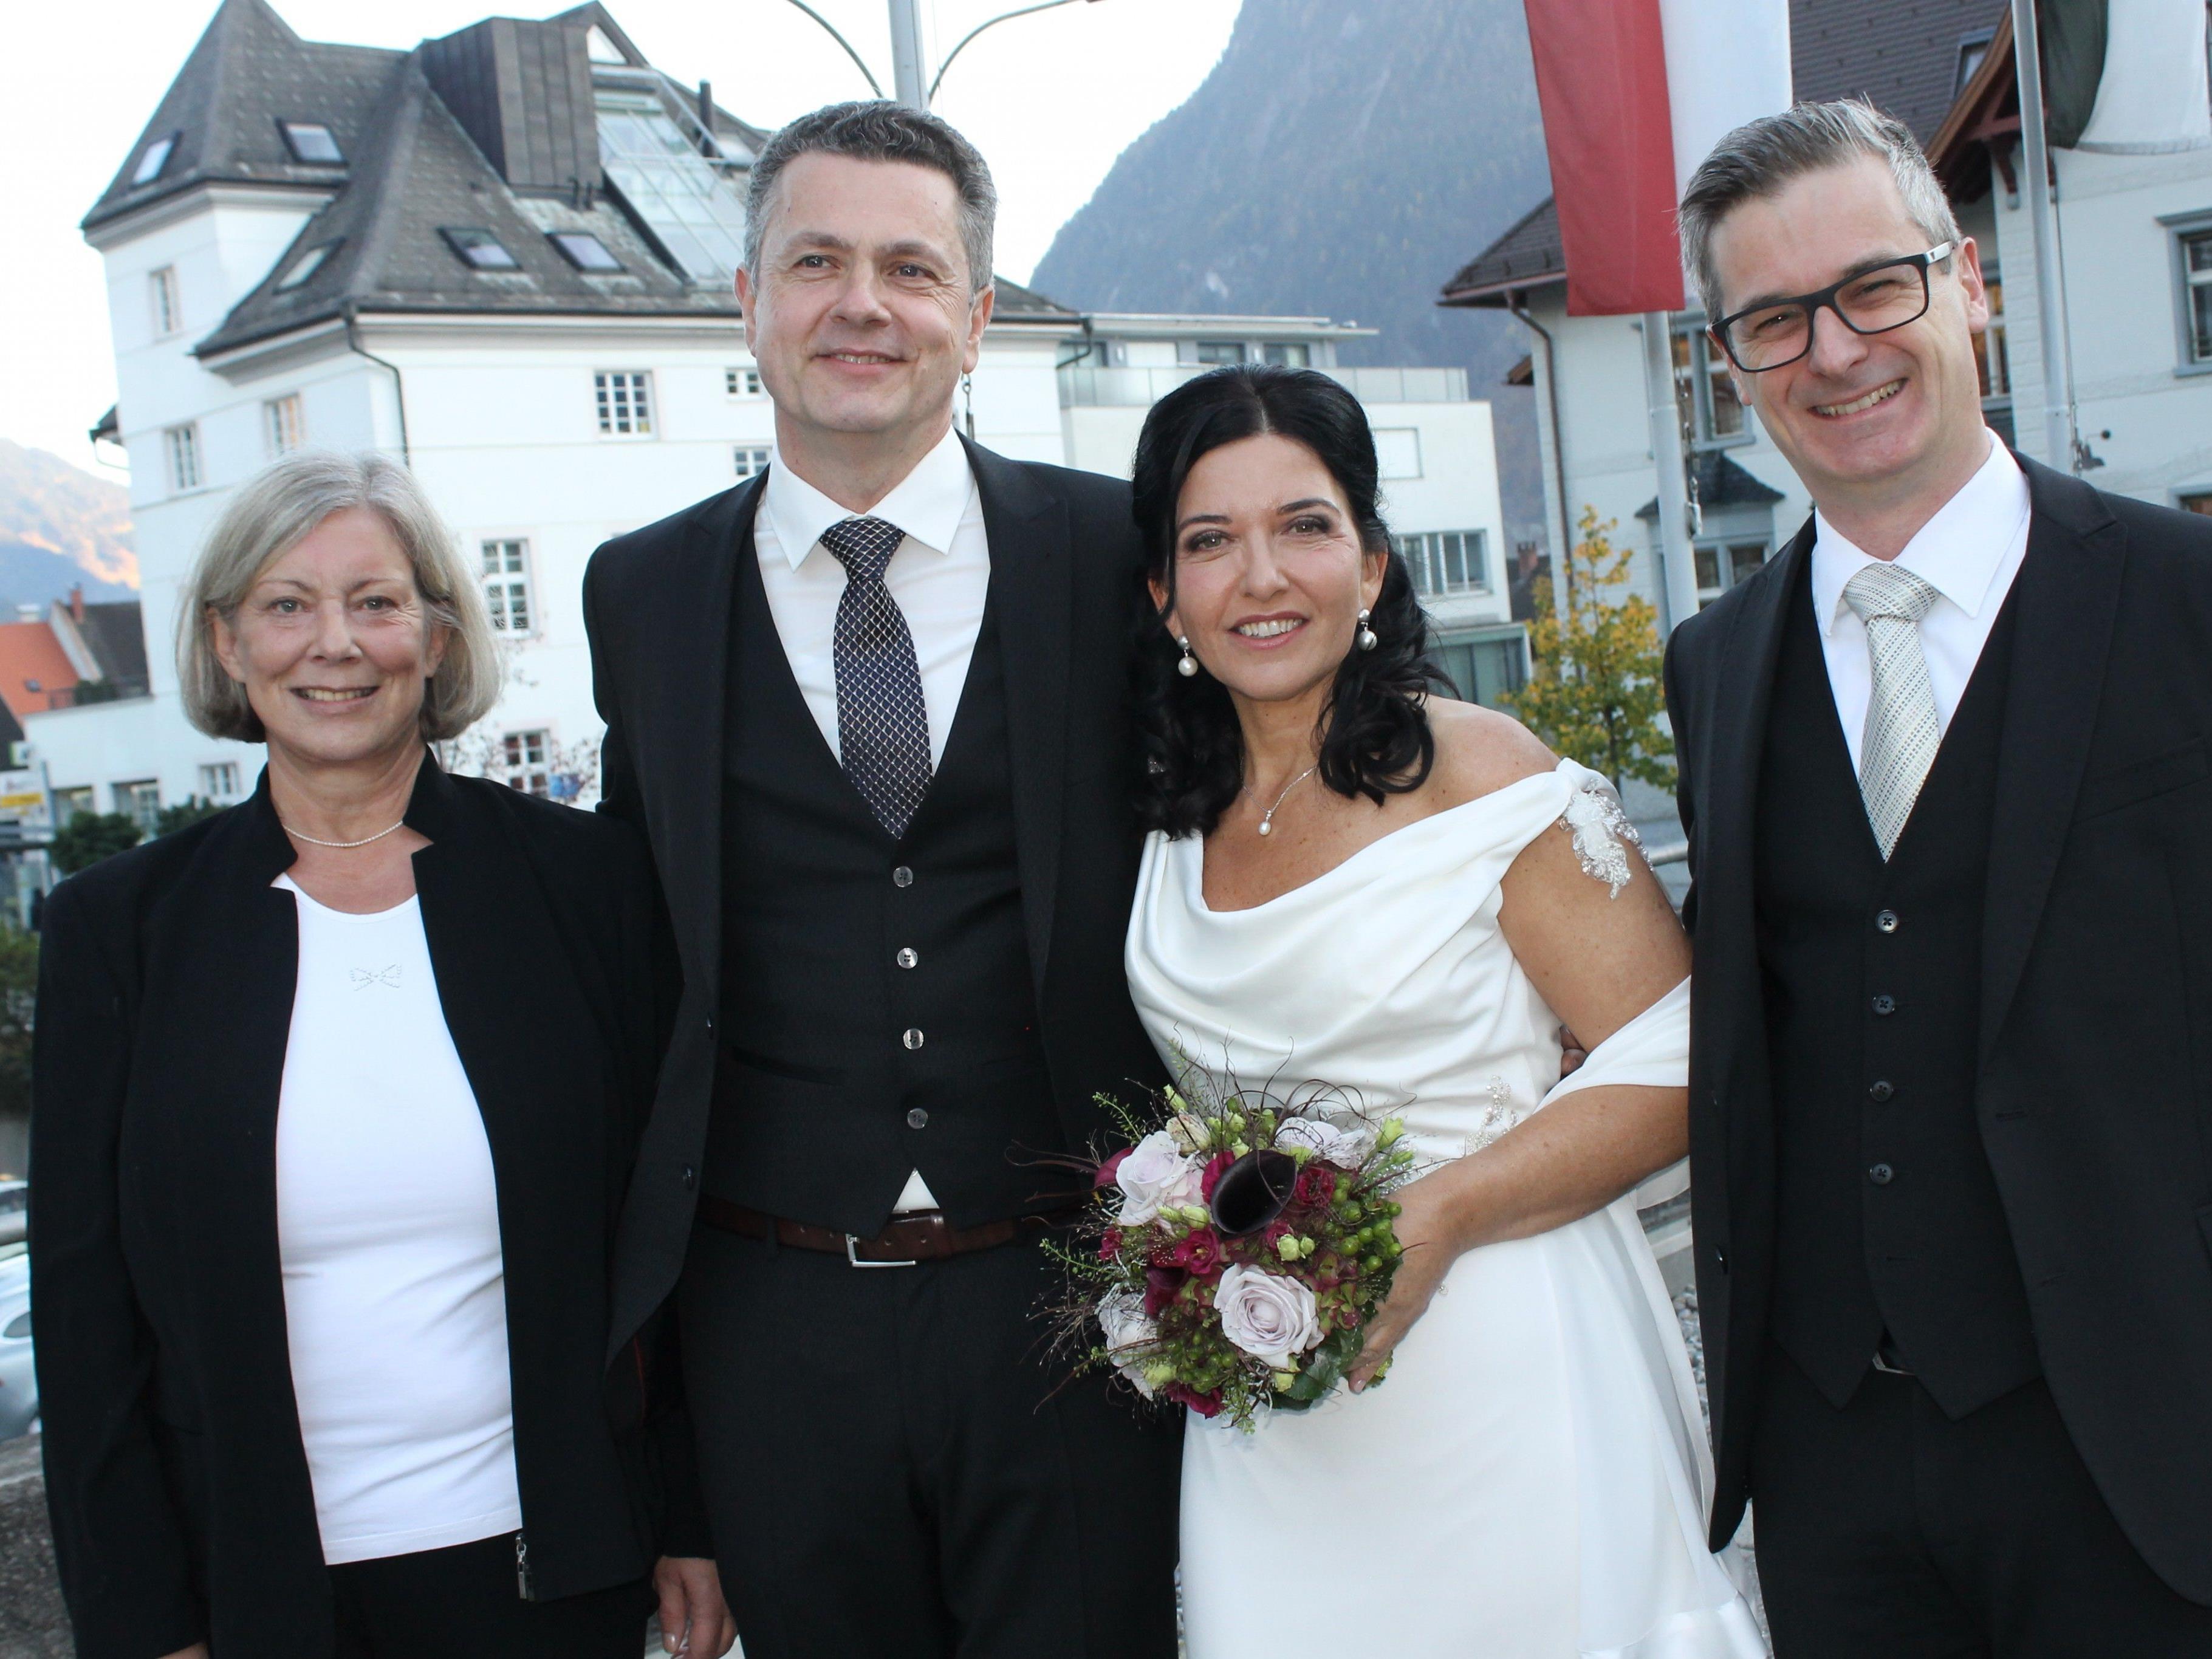 Manuela Auer und Erich Schloffer haben geheiratet